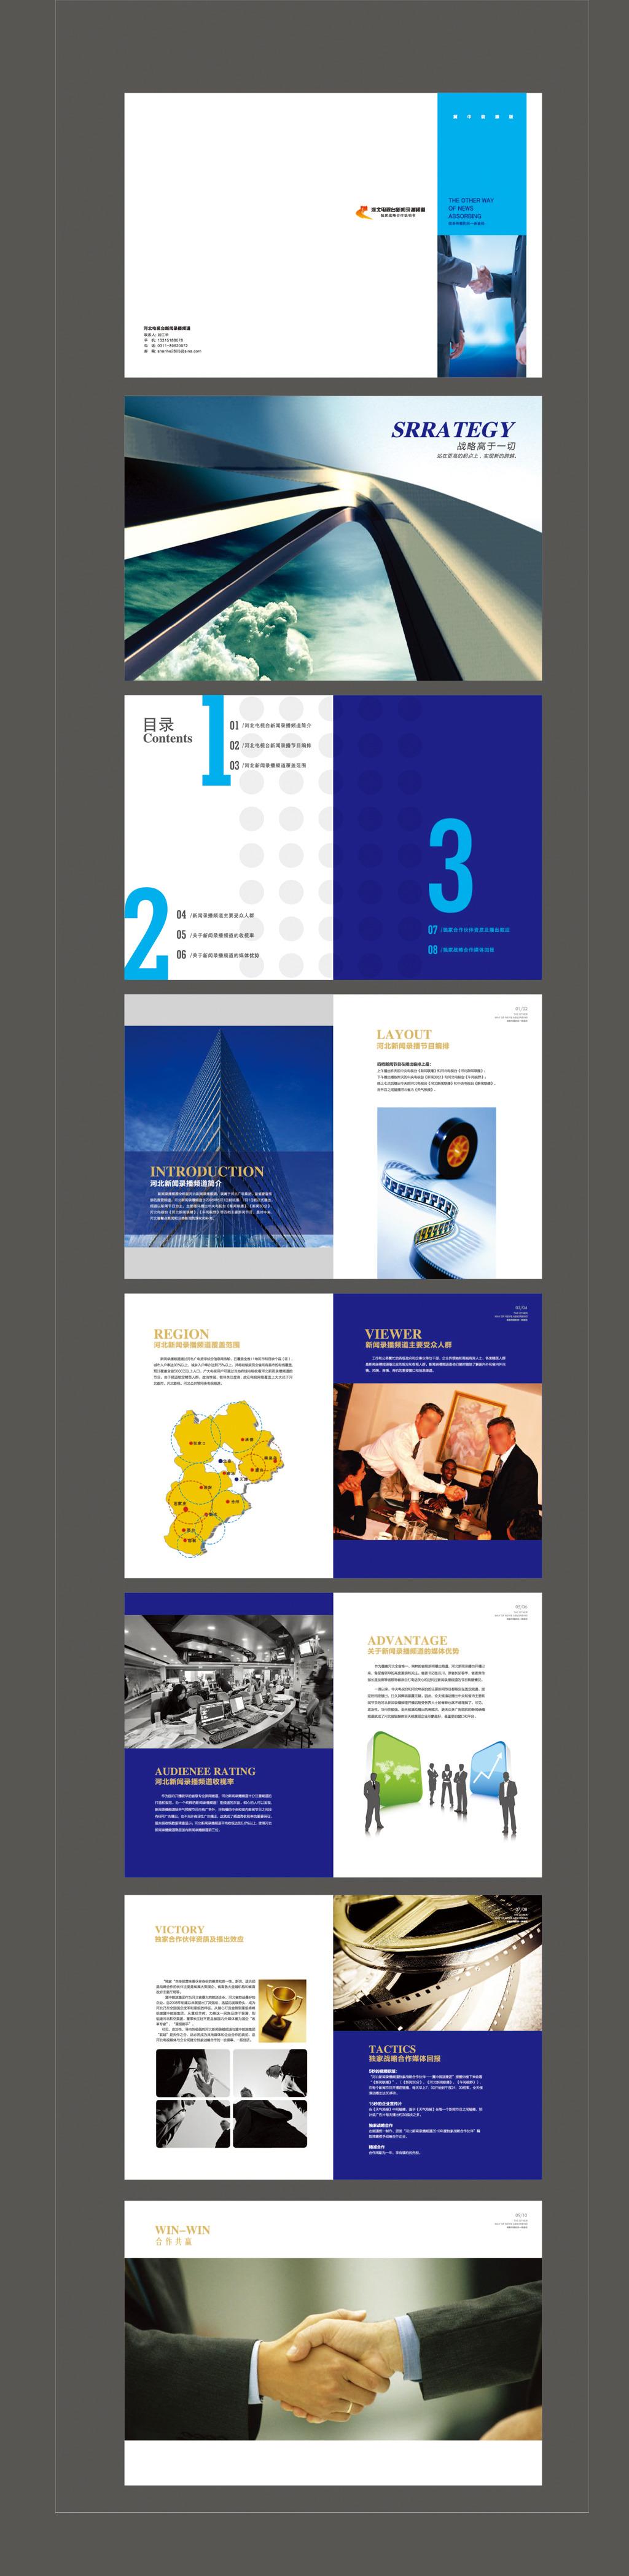 大气公司新闻商务合作产品画册宣传册模板下载 大气公司新闻商务合作图片